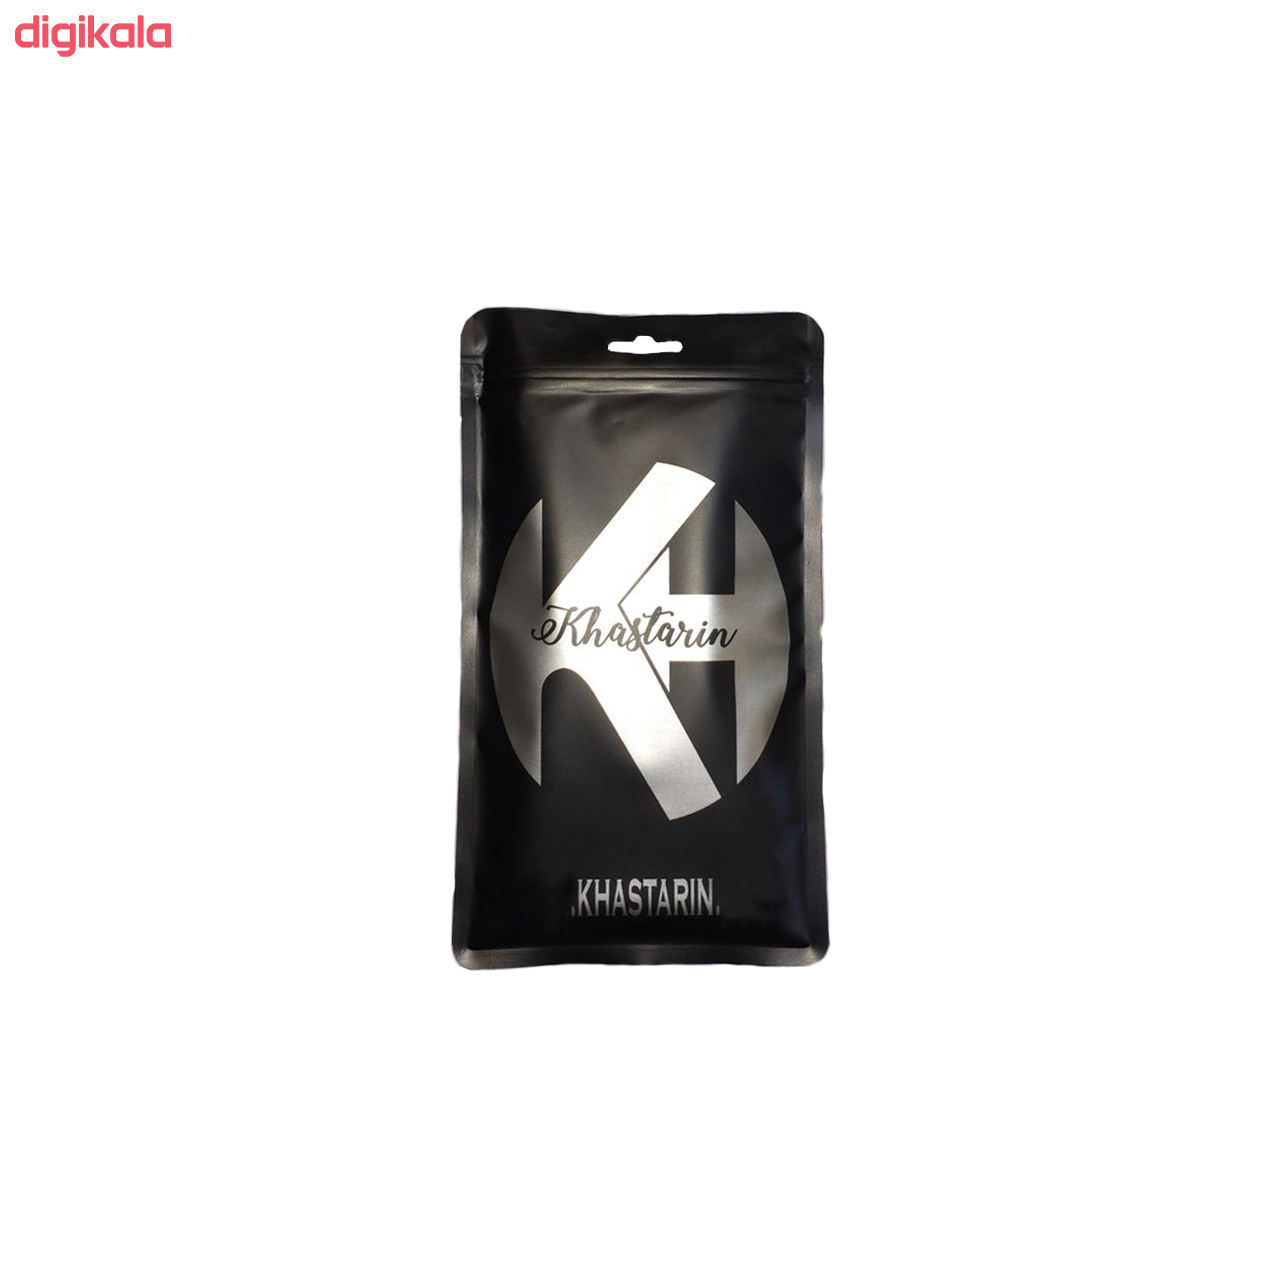 کاور کی اچ کد 225 مناسب برای گوشی موبایل اپل  Iphone 8 main 1 5